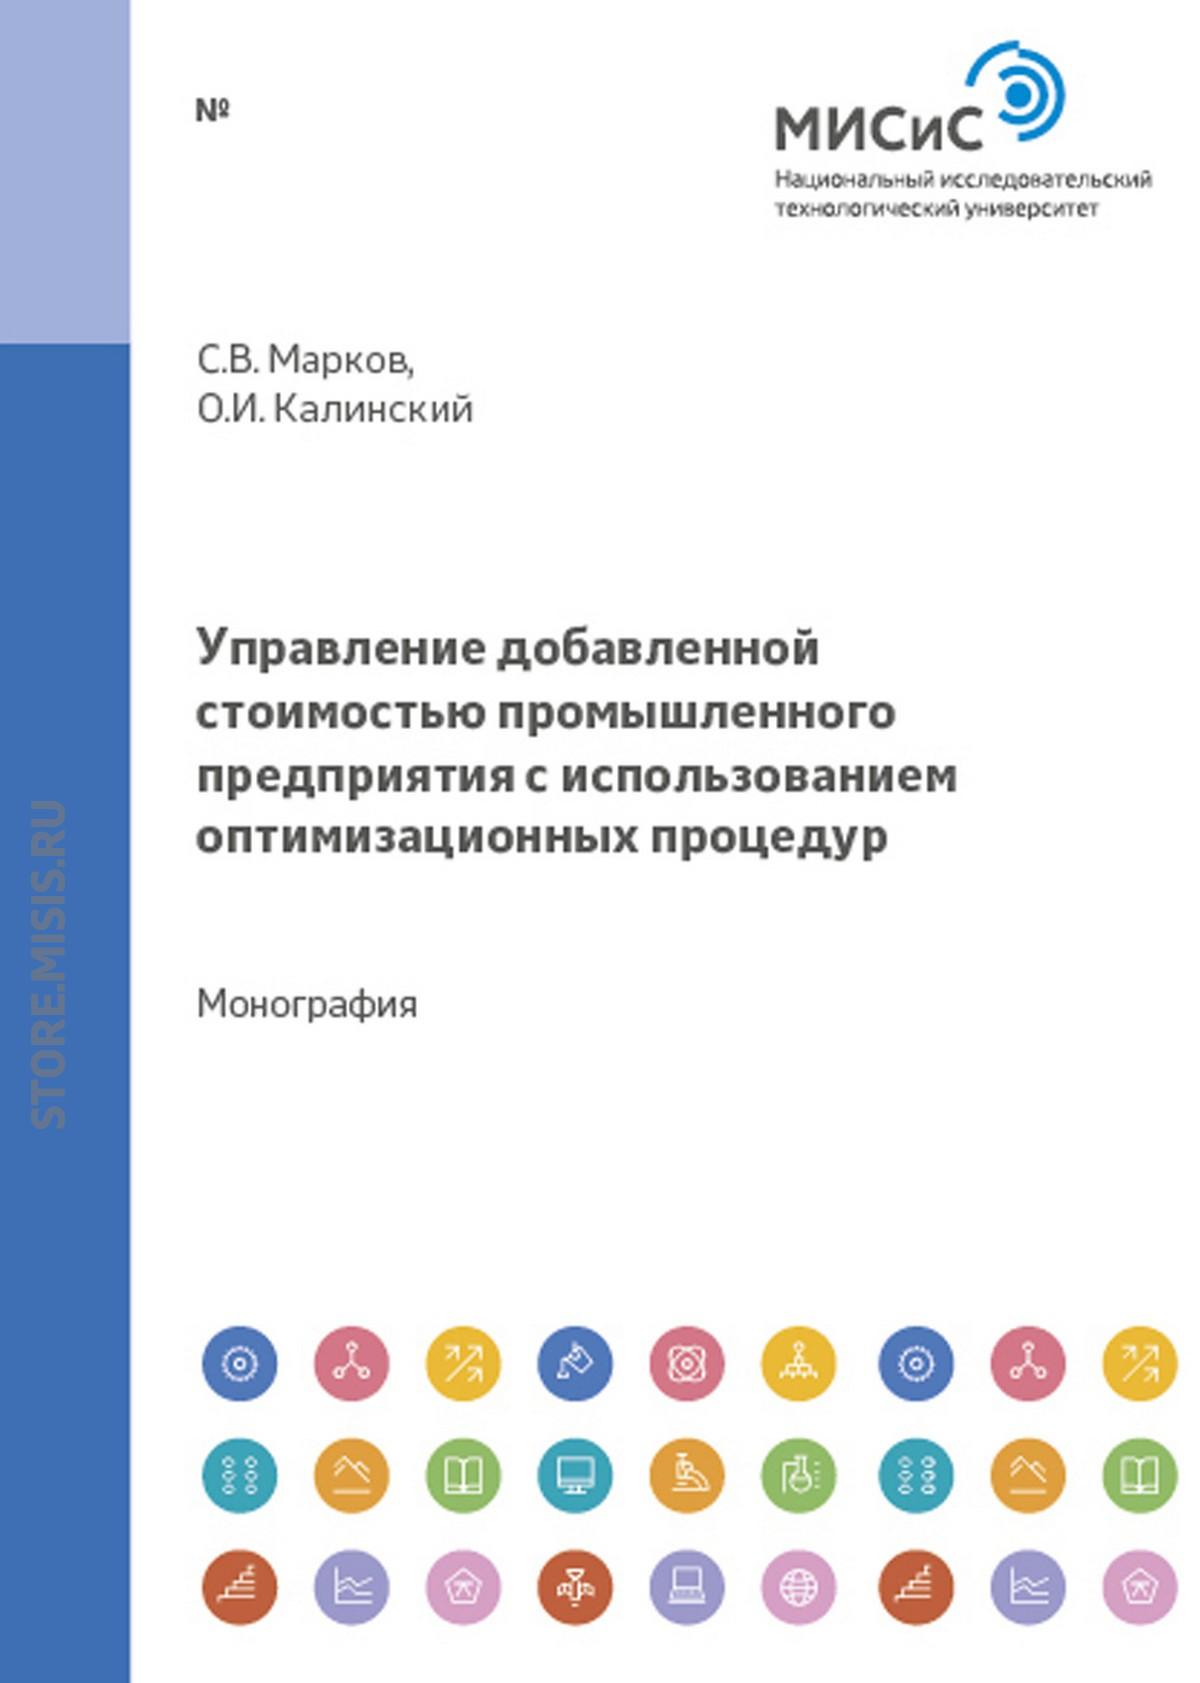 О. И. Калинский Управление добавленной стоимостью промышленного предприятия с использованием оптимизационных процедур